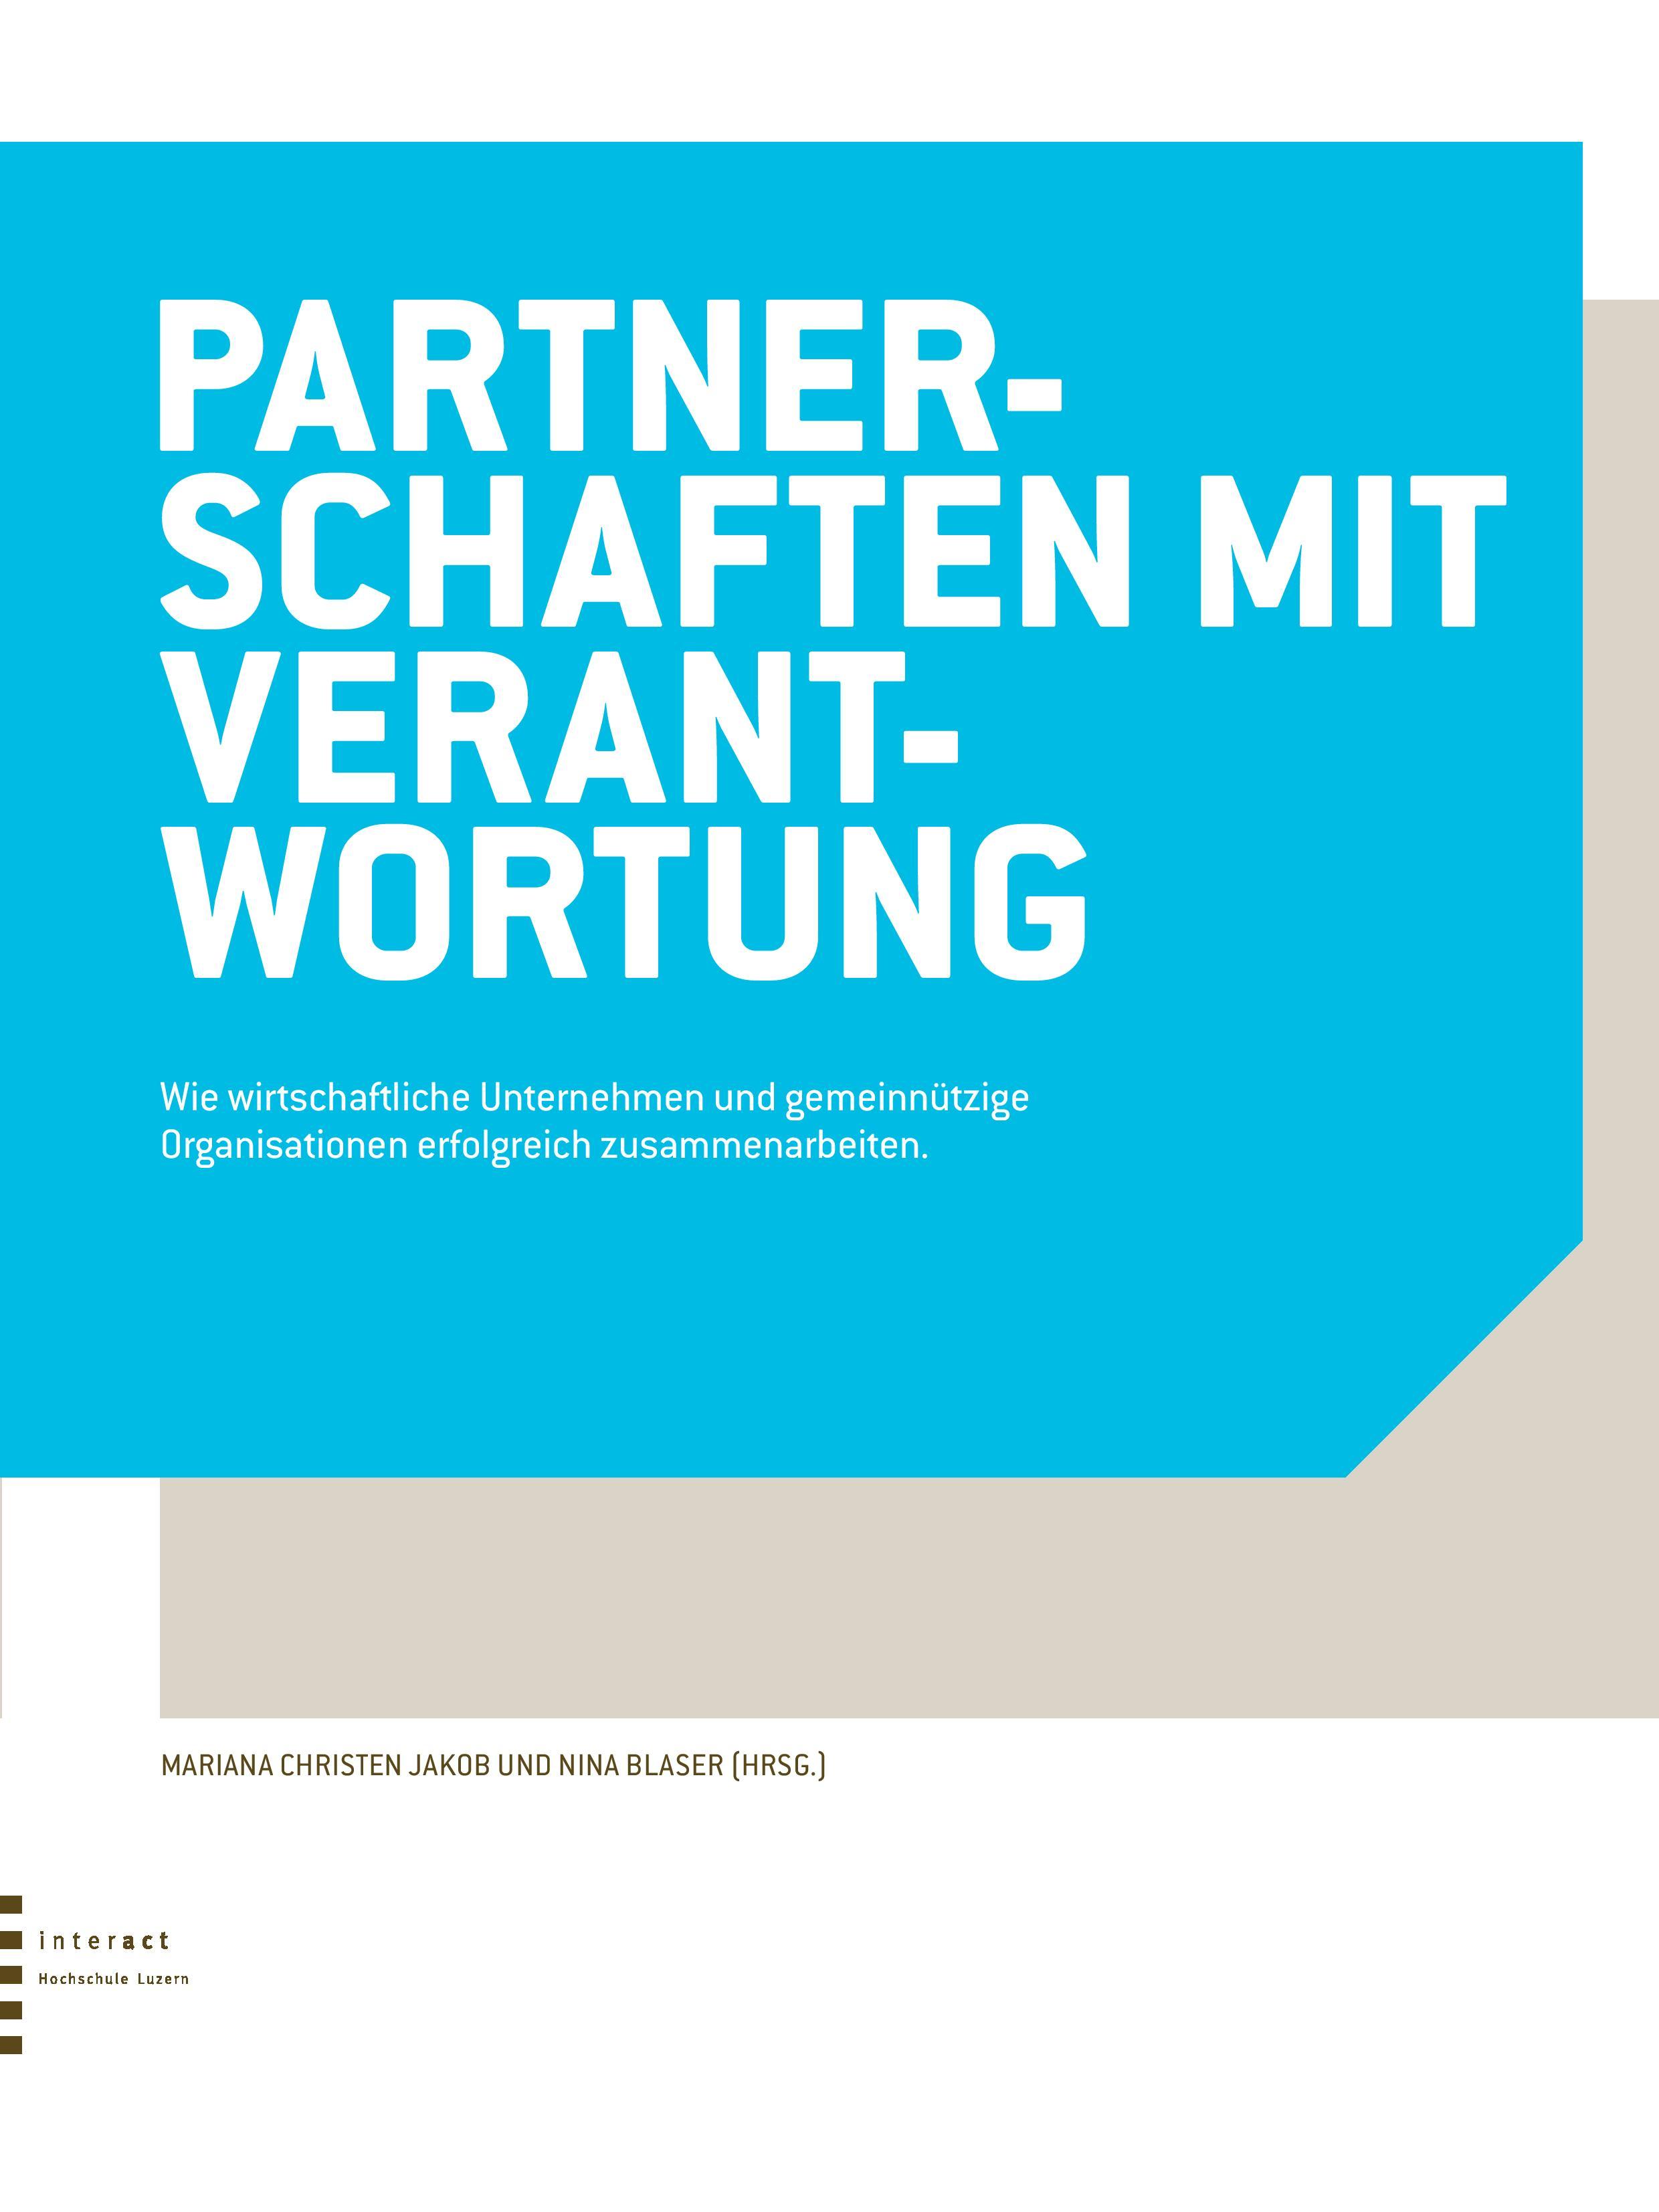 Partnerschaften mit Verantwortung